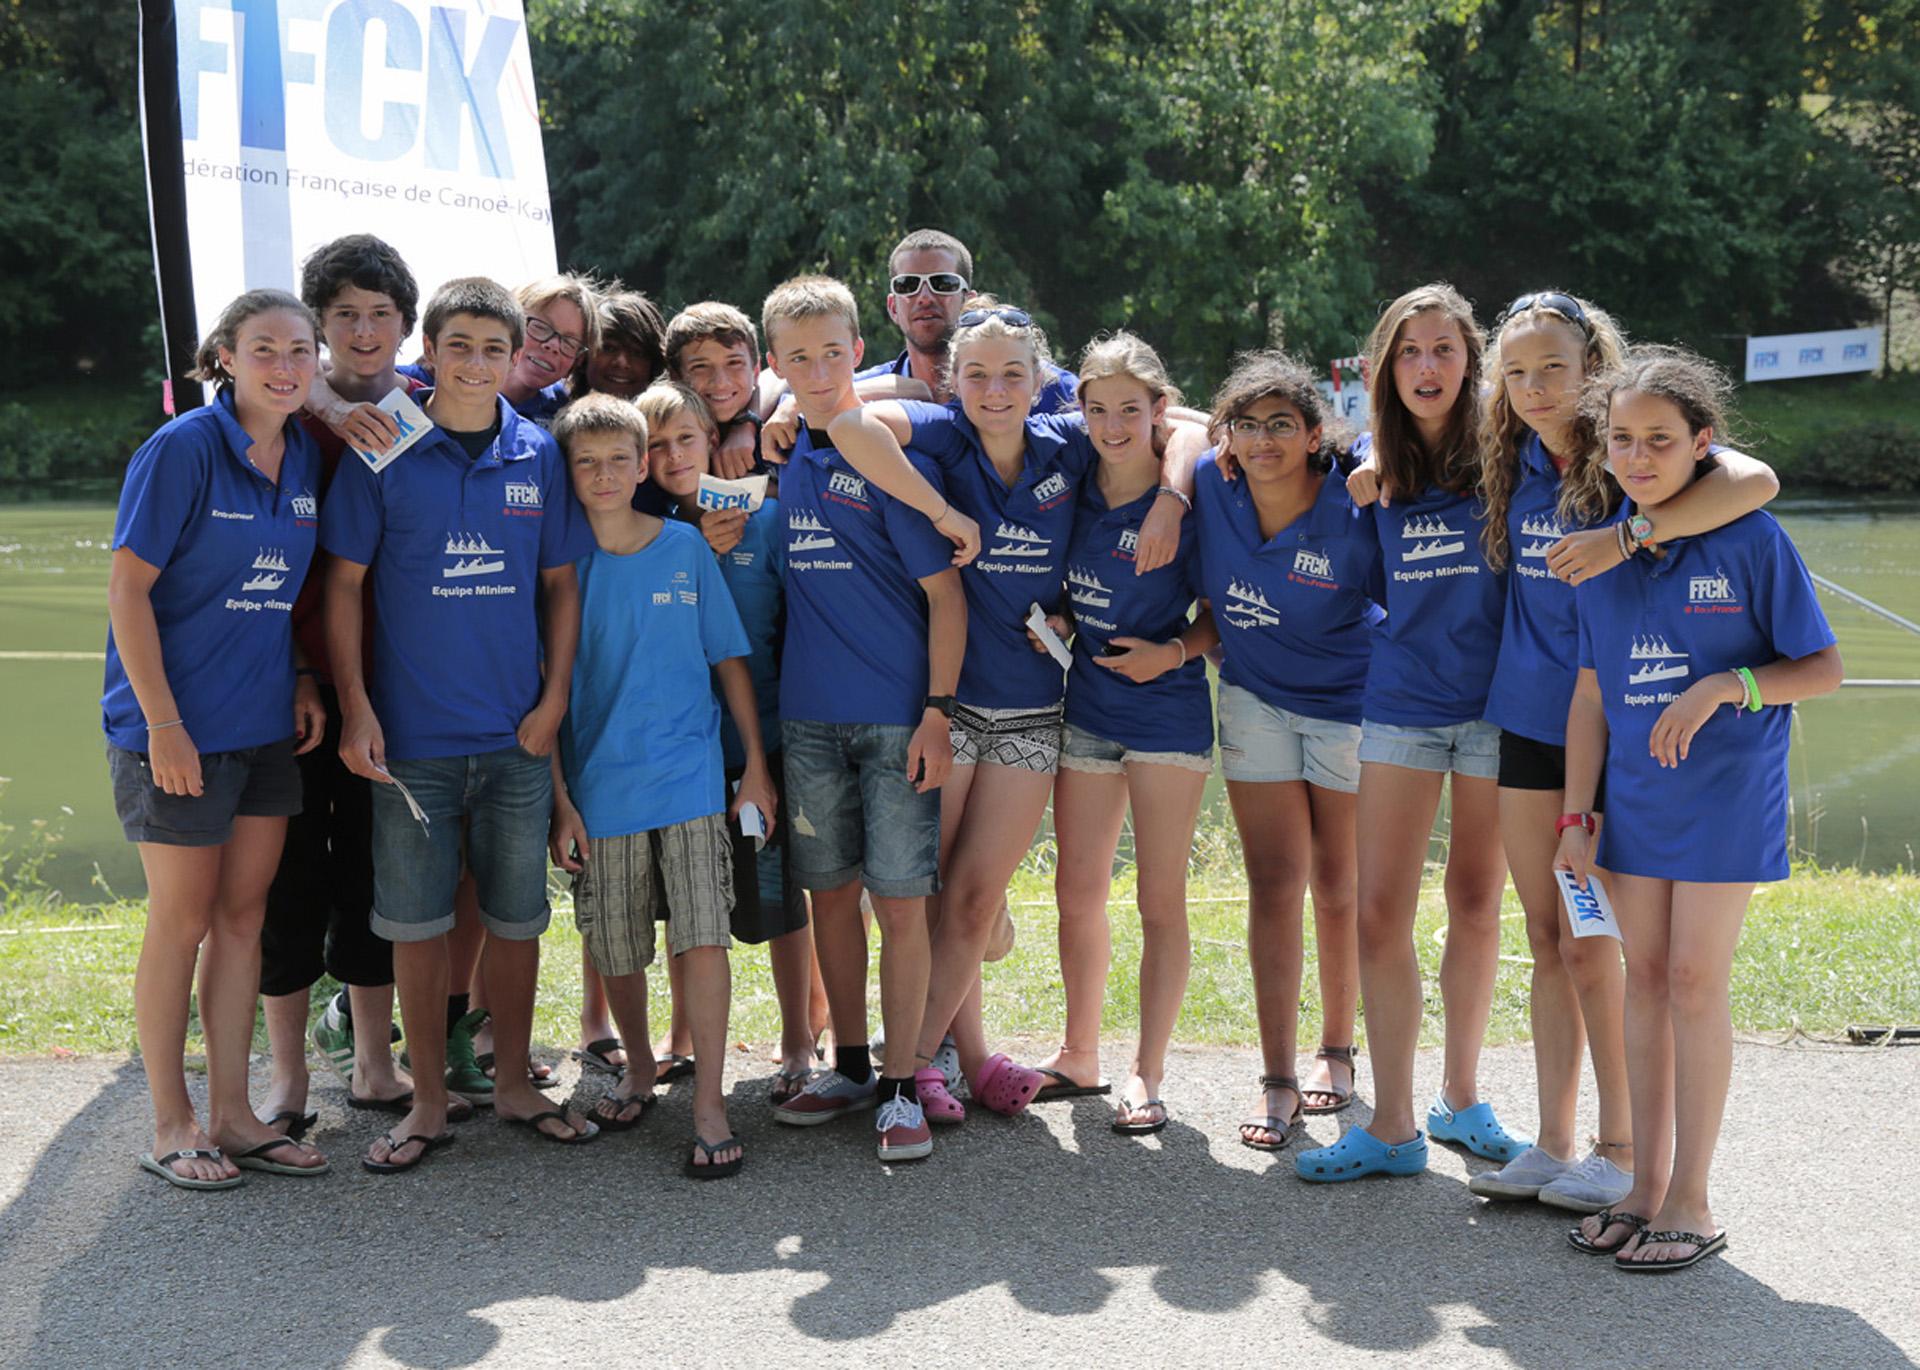 L'équipe minime d'Île-de-France, 4ème du CNJ